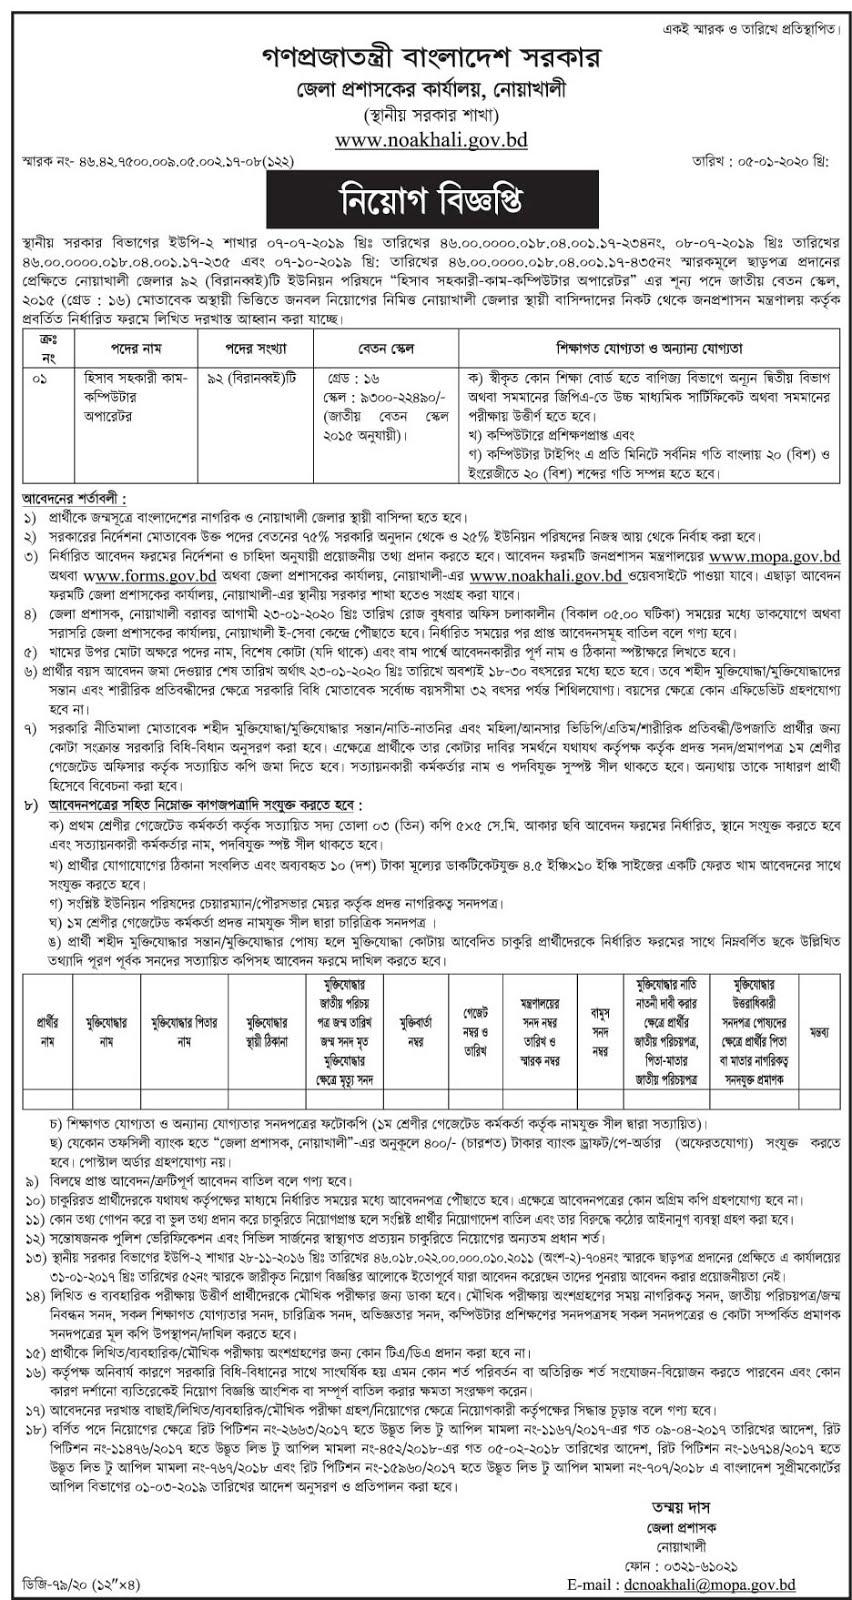 নোয়াখালী জেলা প্রশাসকের কার্যালয়ে নিয়োগ বিজ্ঞপ্তি ২০২০  Noakhali DC Office Job Circular 2020